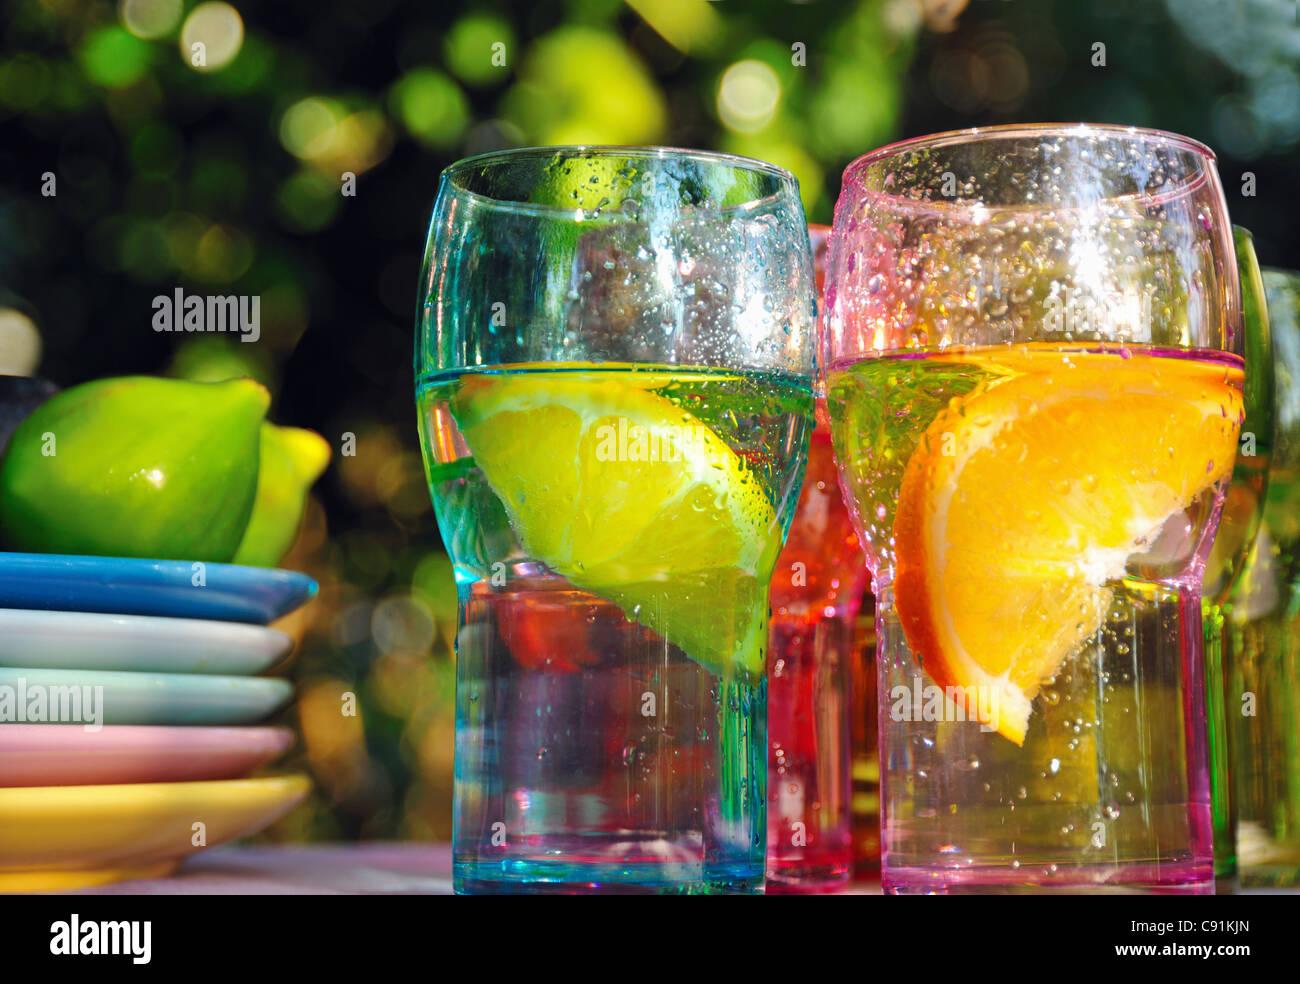 Fruchtigen Drinks in bunten Gläsern Stockbild